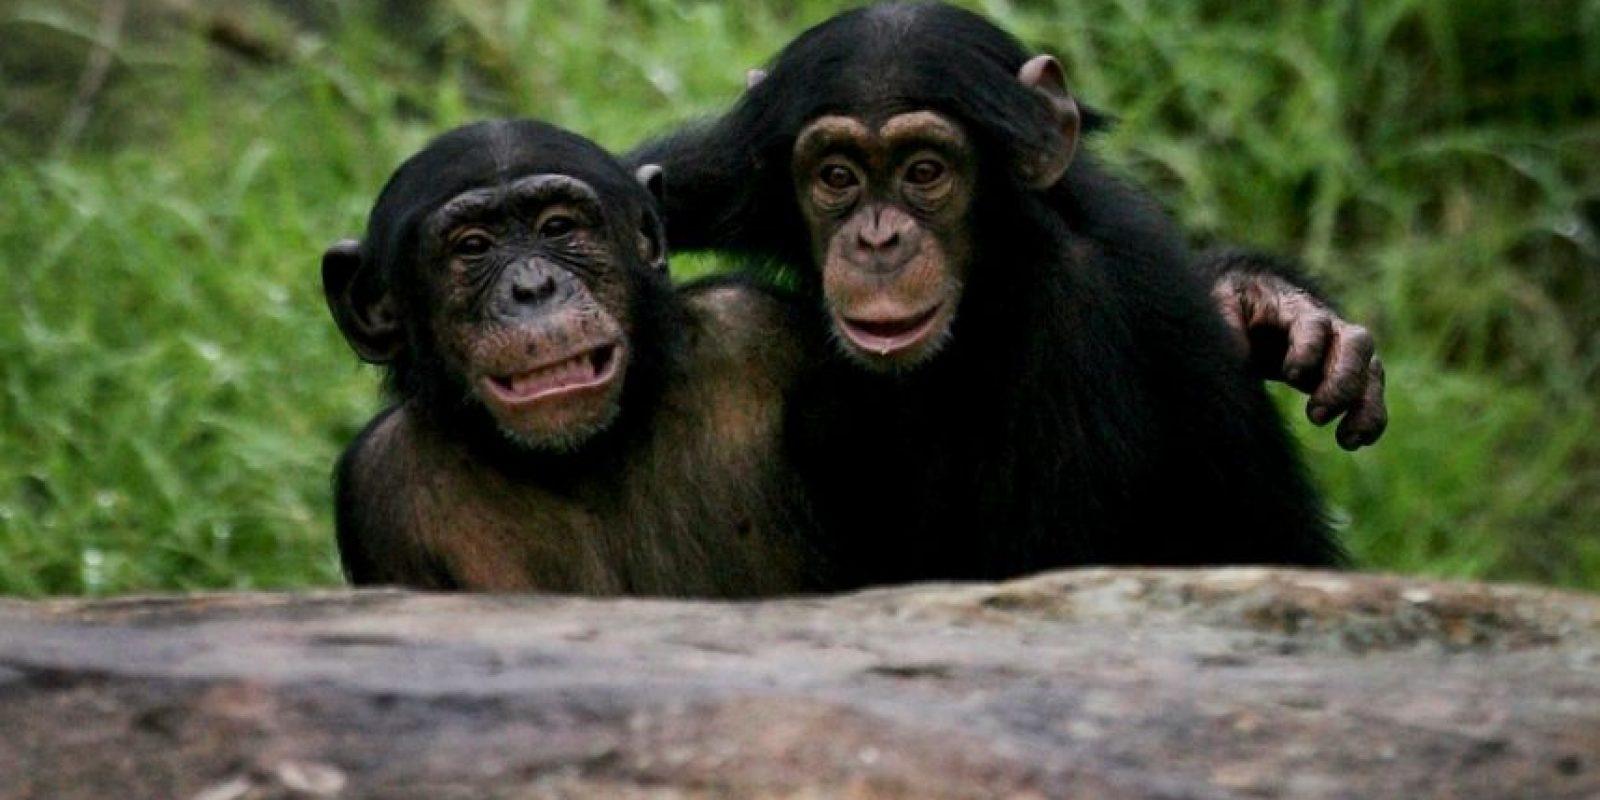 Descubren que los chimpancés consumen alcohol voluntariamente Foto:Getty Images